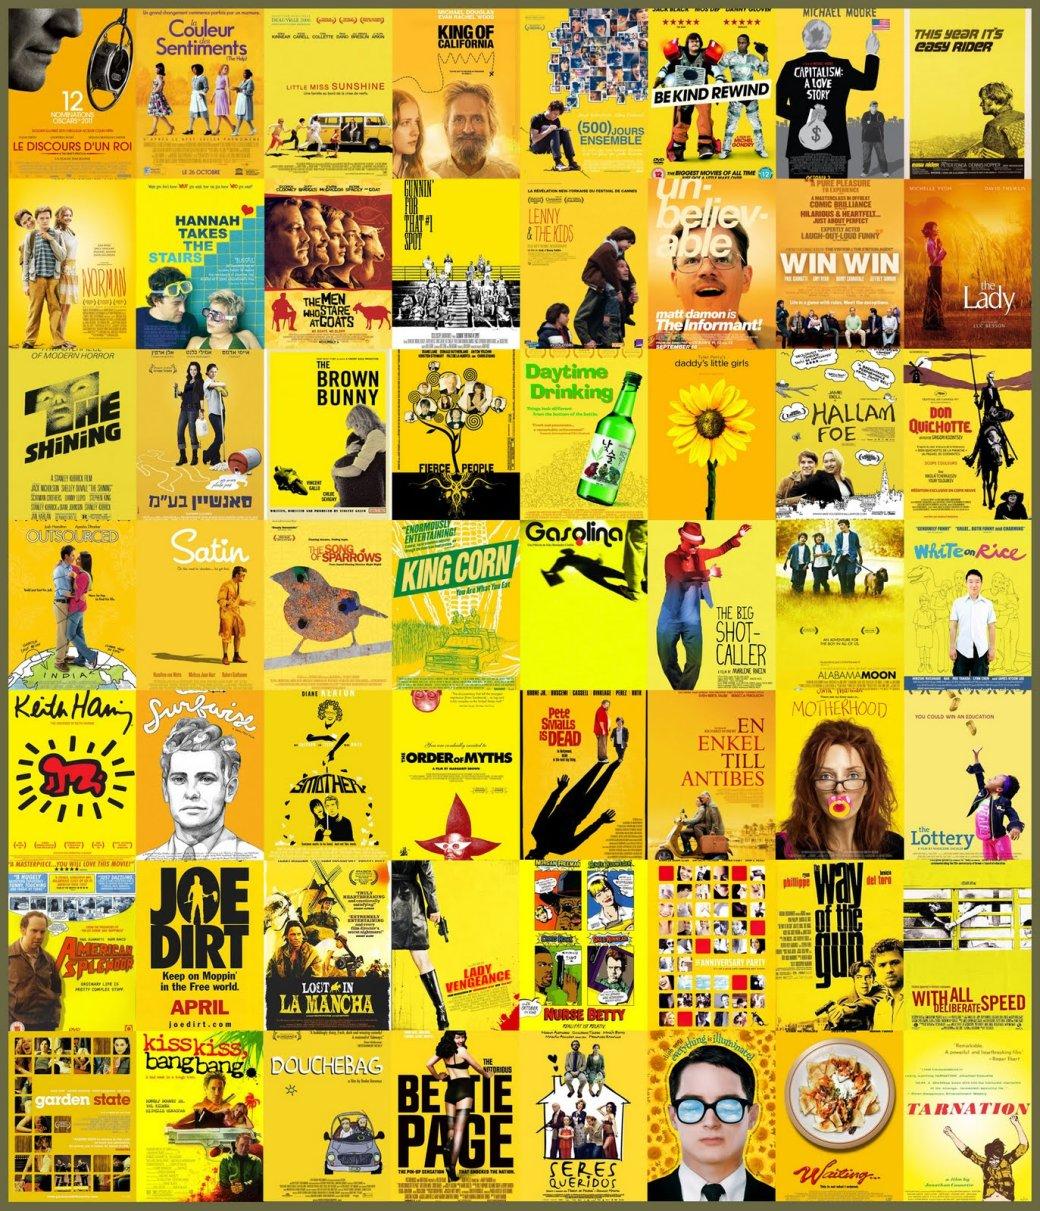 Утомившие киноштампы: Когда-то  постеры были искусством | Канобу - Изображение 41